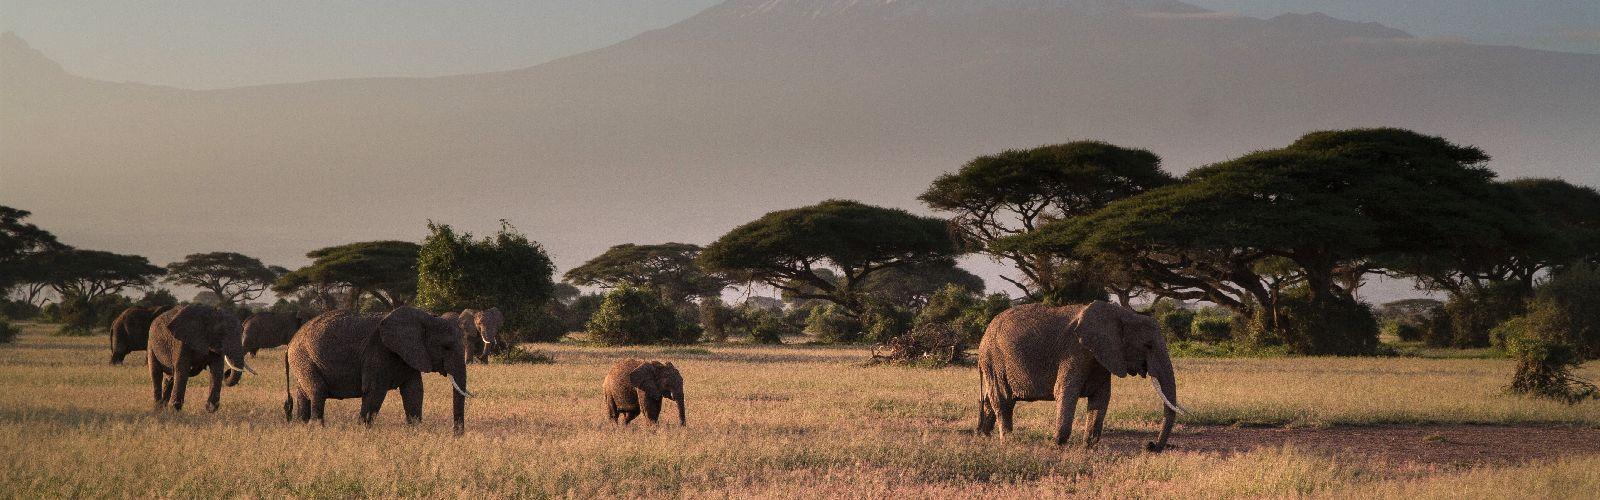 Safari Serengeti Tanzania